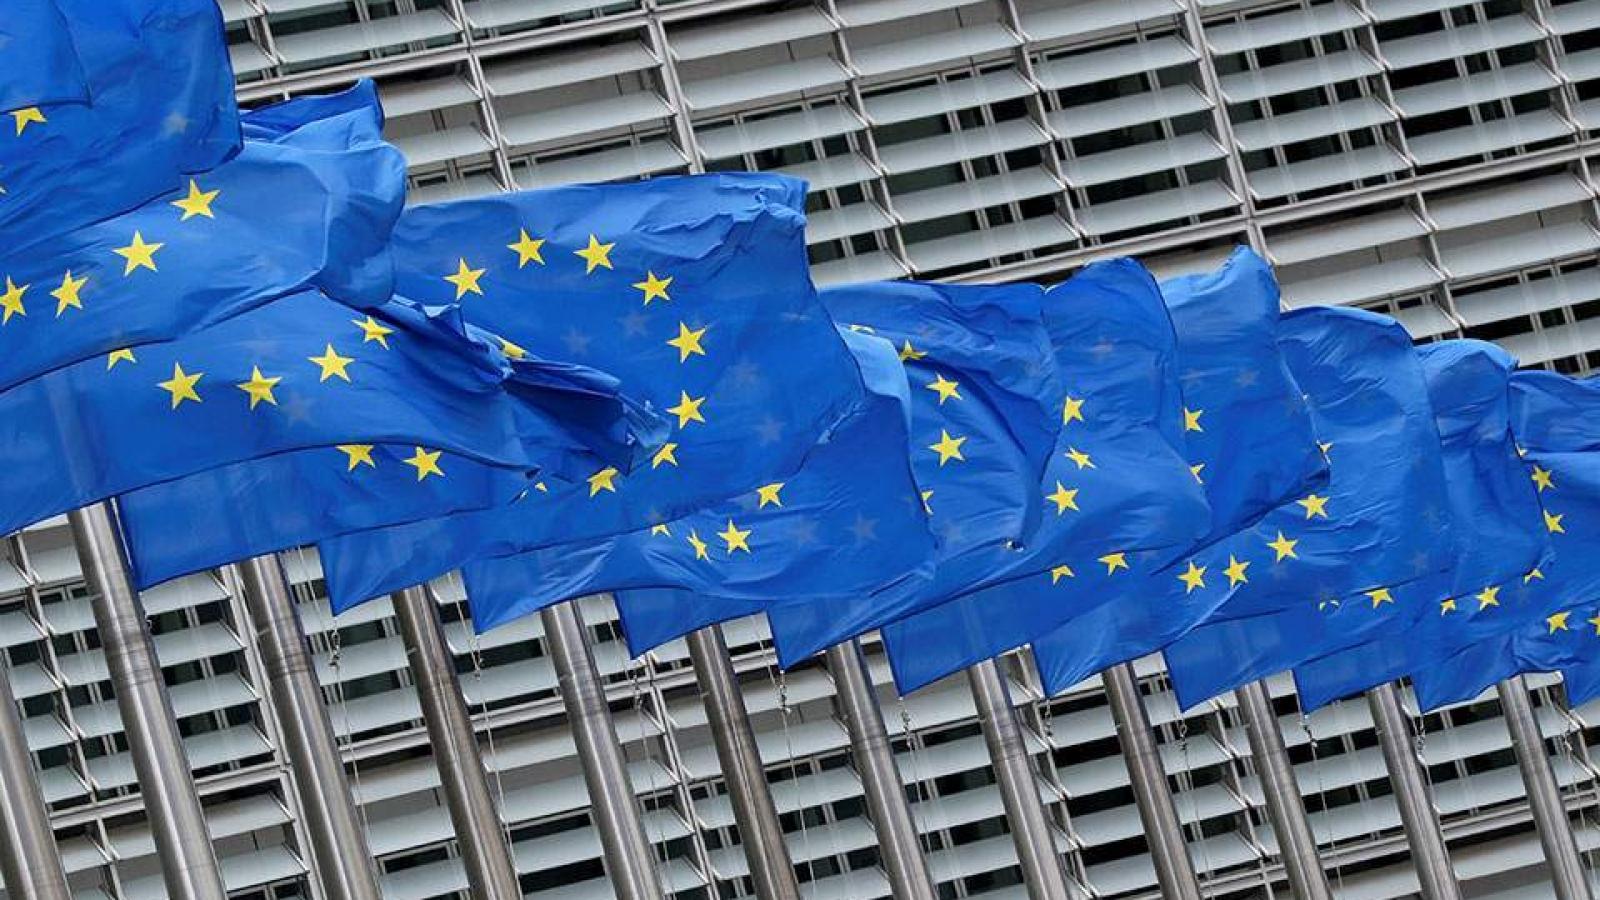 EU mở đường lui cho Thổ Nhĩ Kỳ